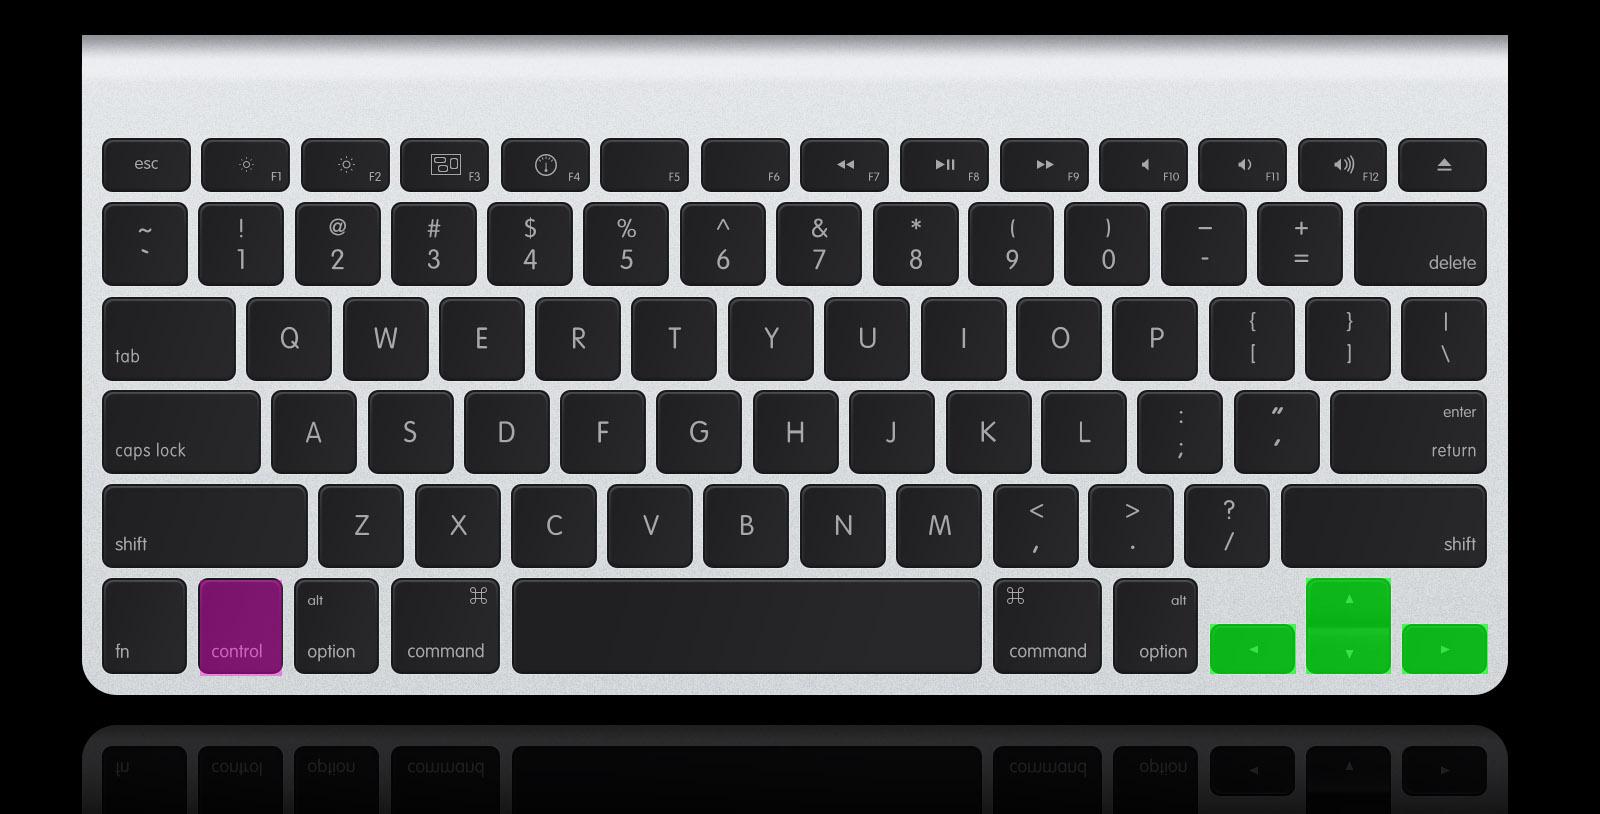 wolfram-keyboard